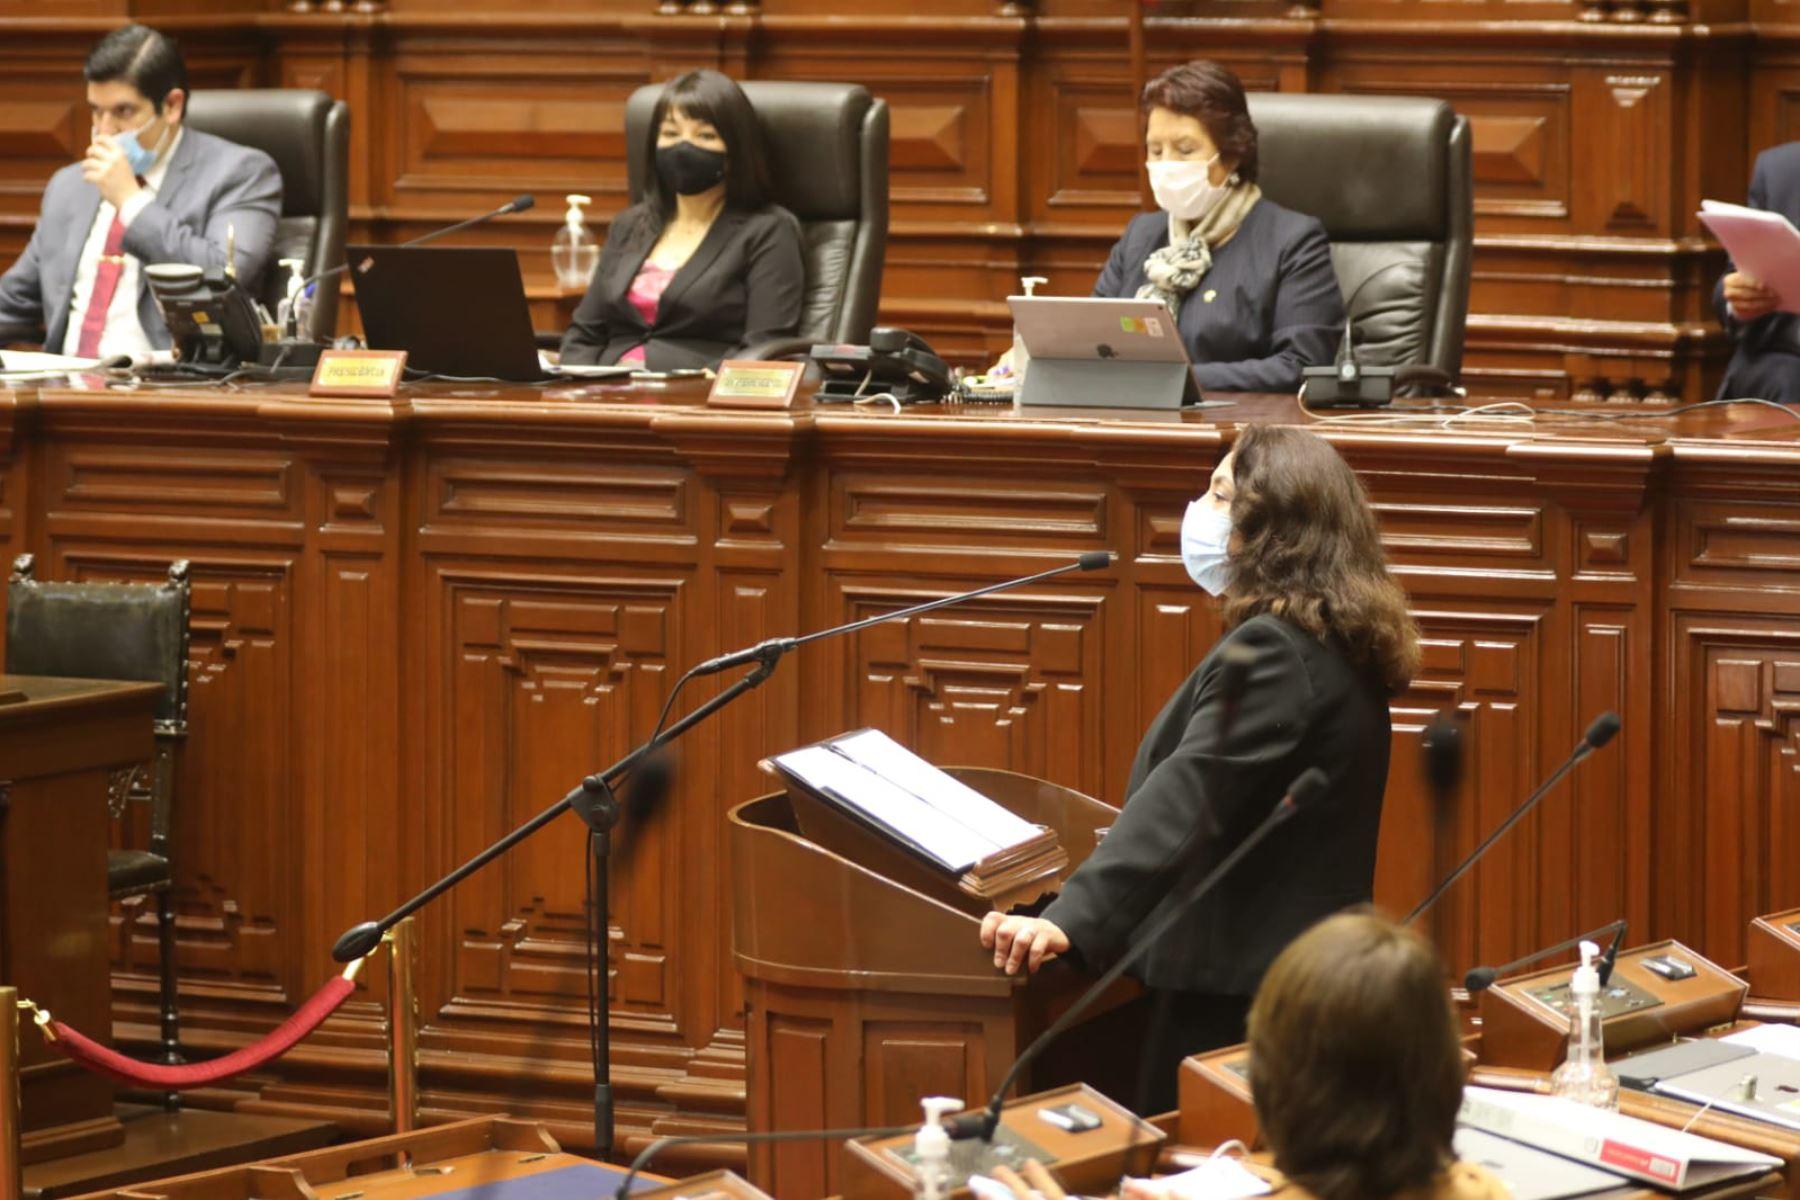 La titular de la Presidencia del Consejo de Ministros,  Violeta Bermúdez Valdivia, inició su exposición ante el Pleno Virtual en cumplimiento del artículo 130 de la constitución política.  Foto: ANDINA/Congreso de la República